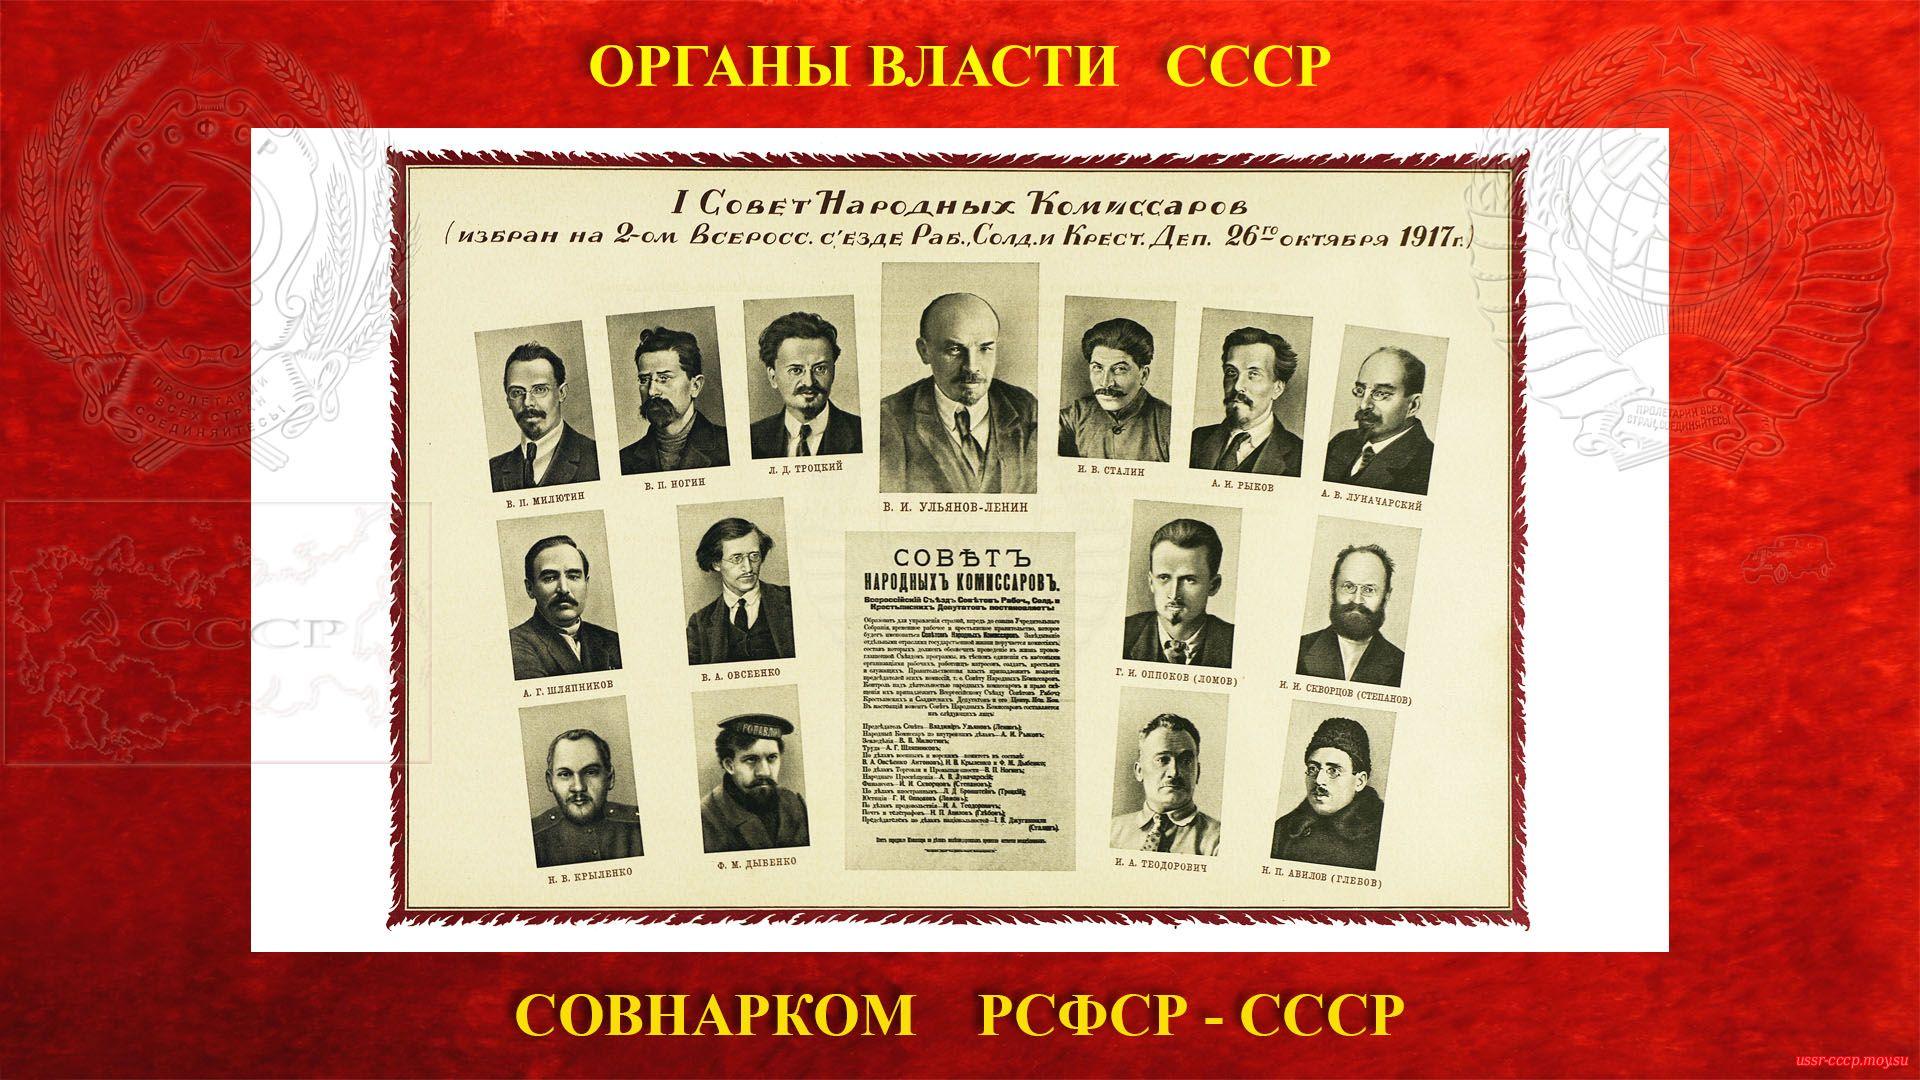 Первый состав Совета народных комиссаров